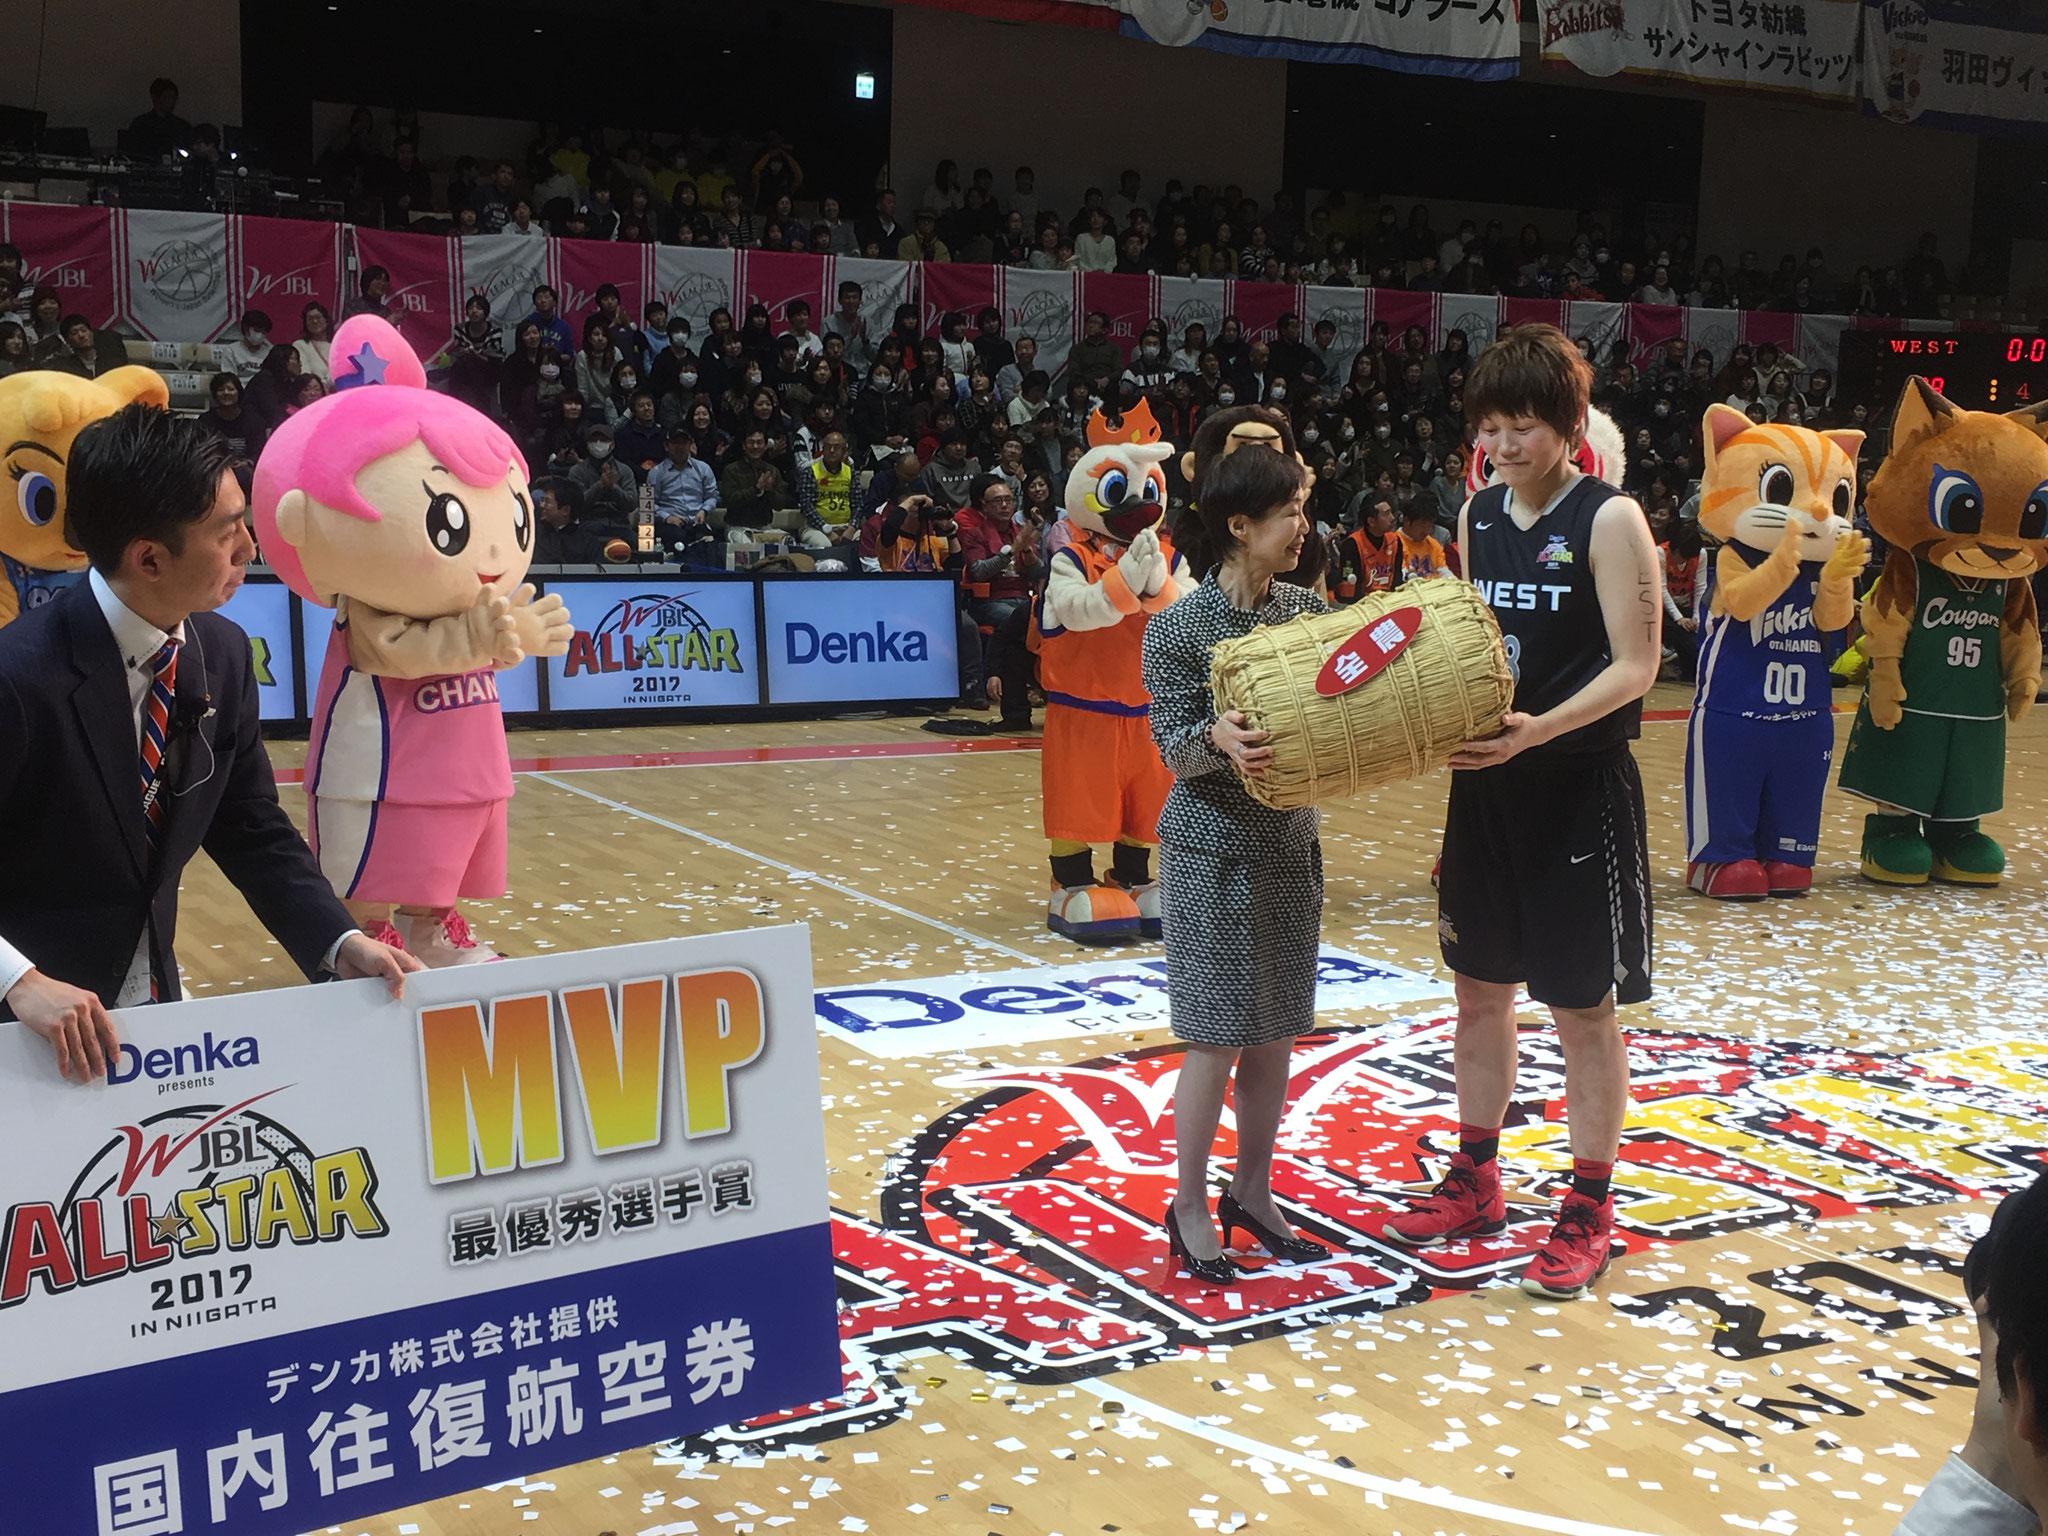 WEST #8 髙田真希選手 MVP受賞